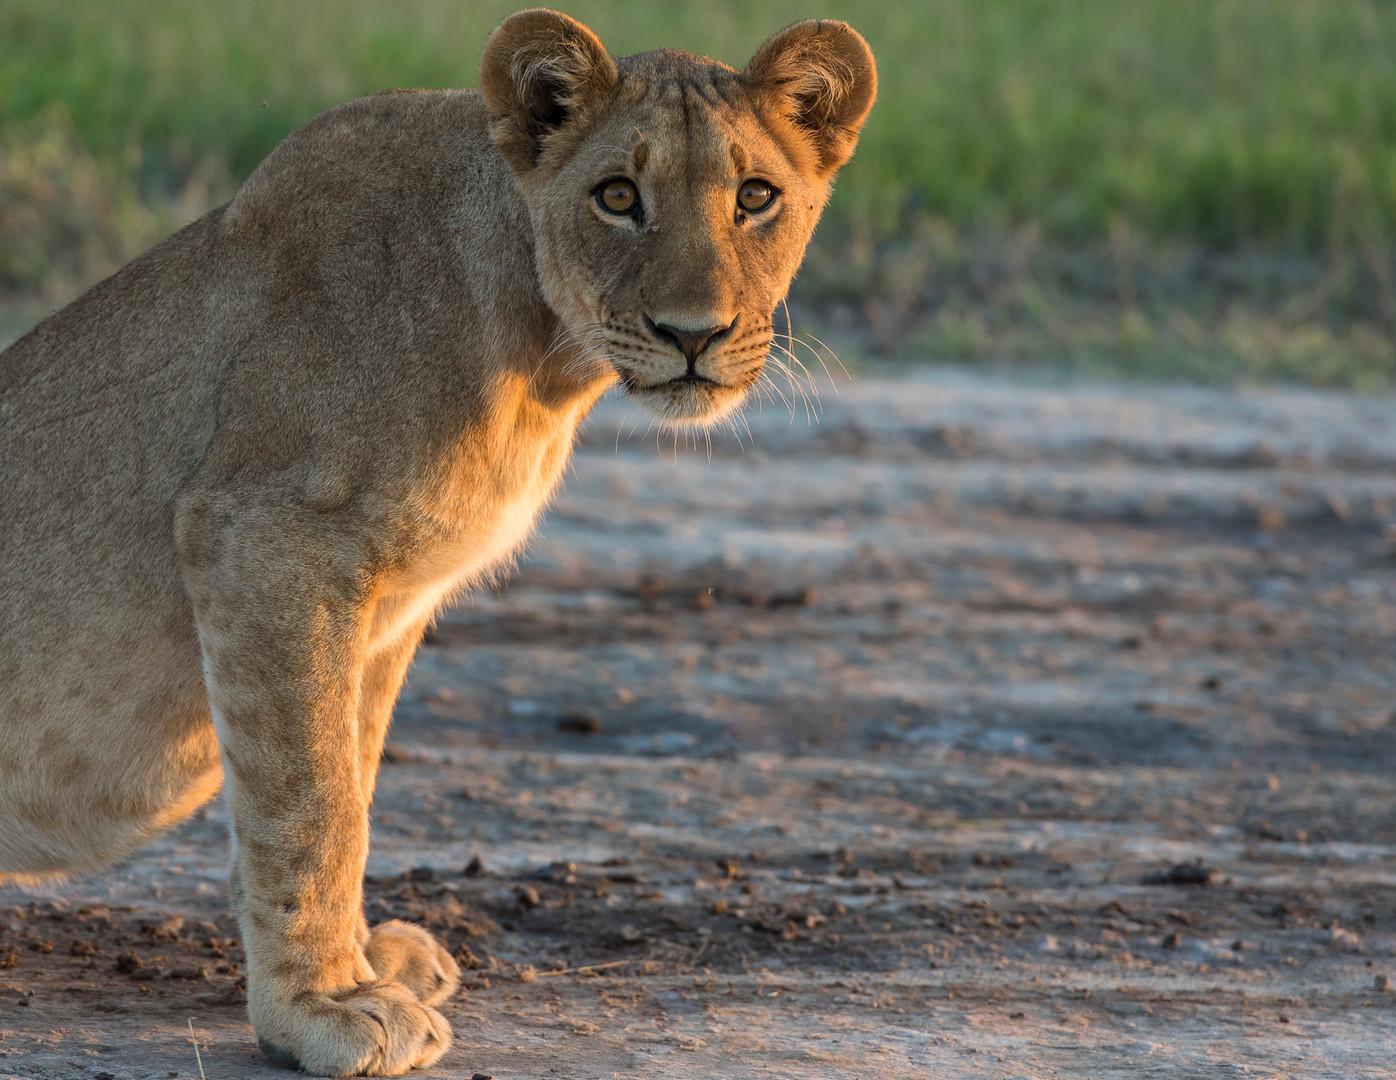 Nxai Pan Lion